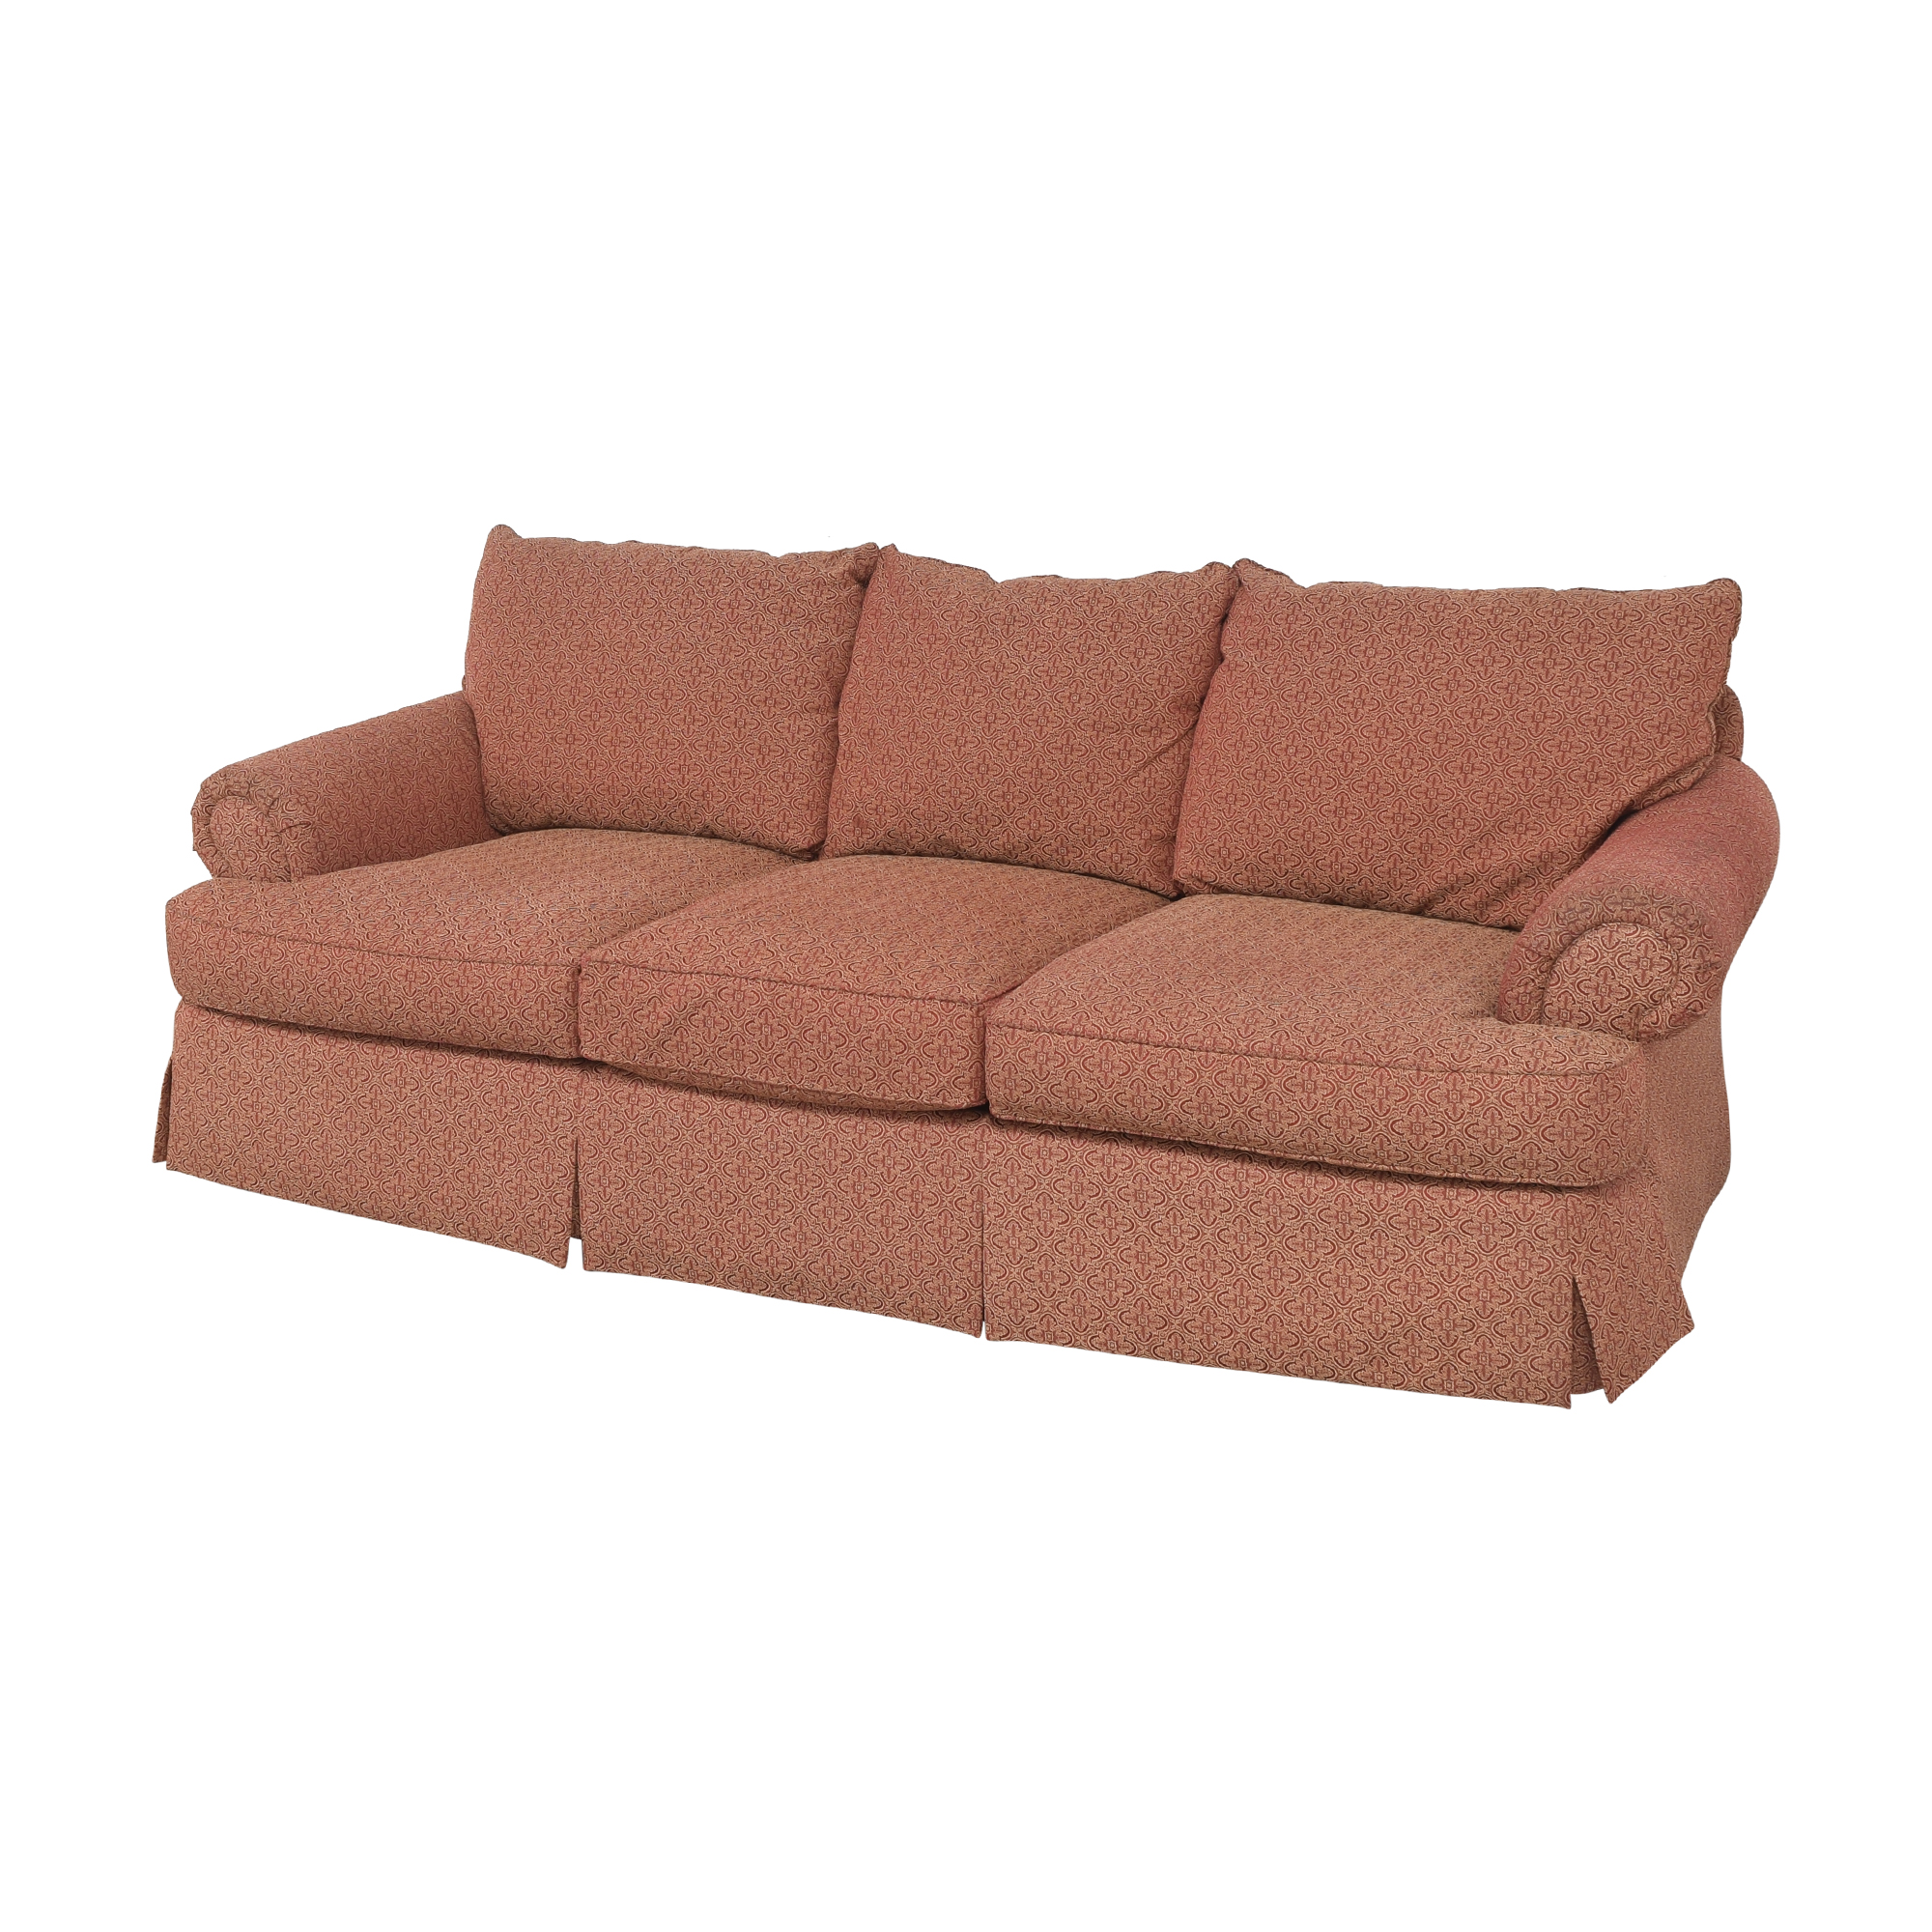 Thomasville Thomasville Three Cushion Sofa  ct